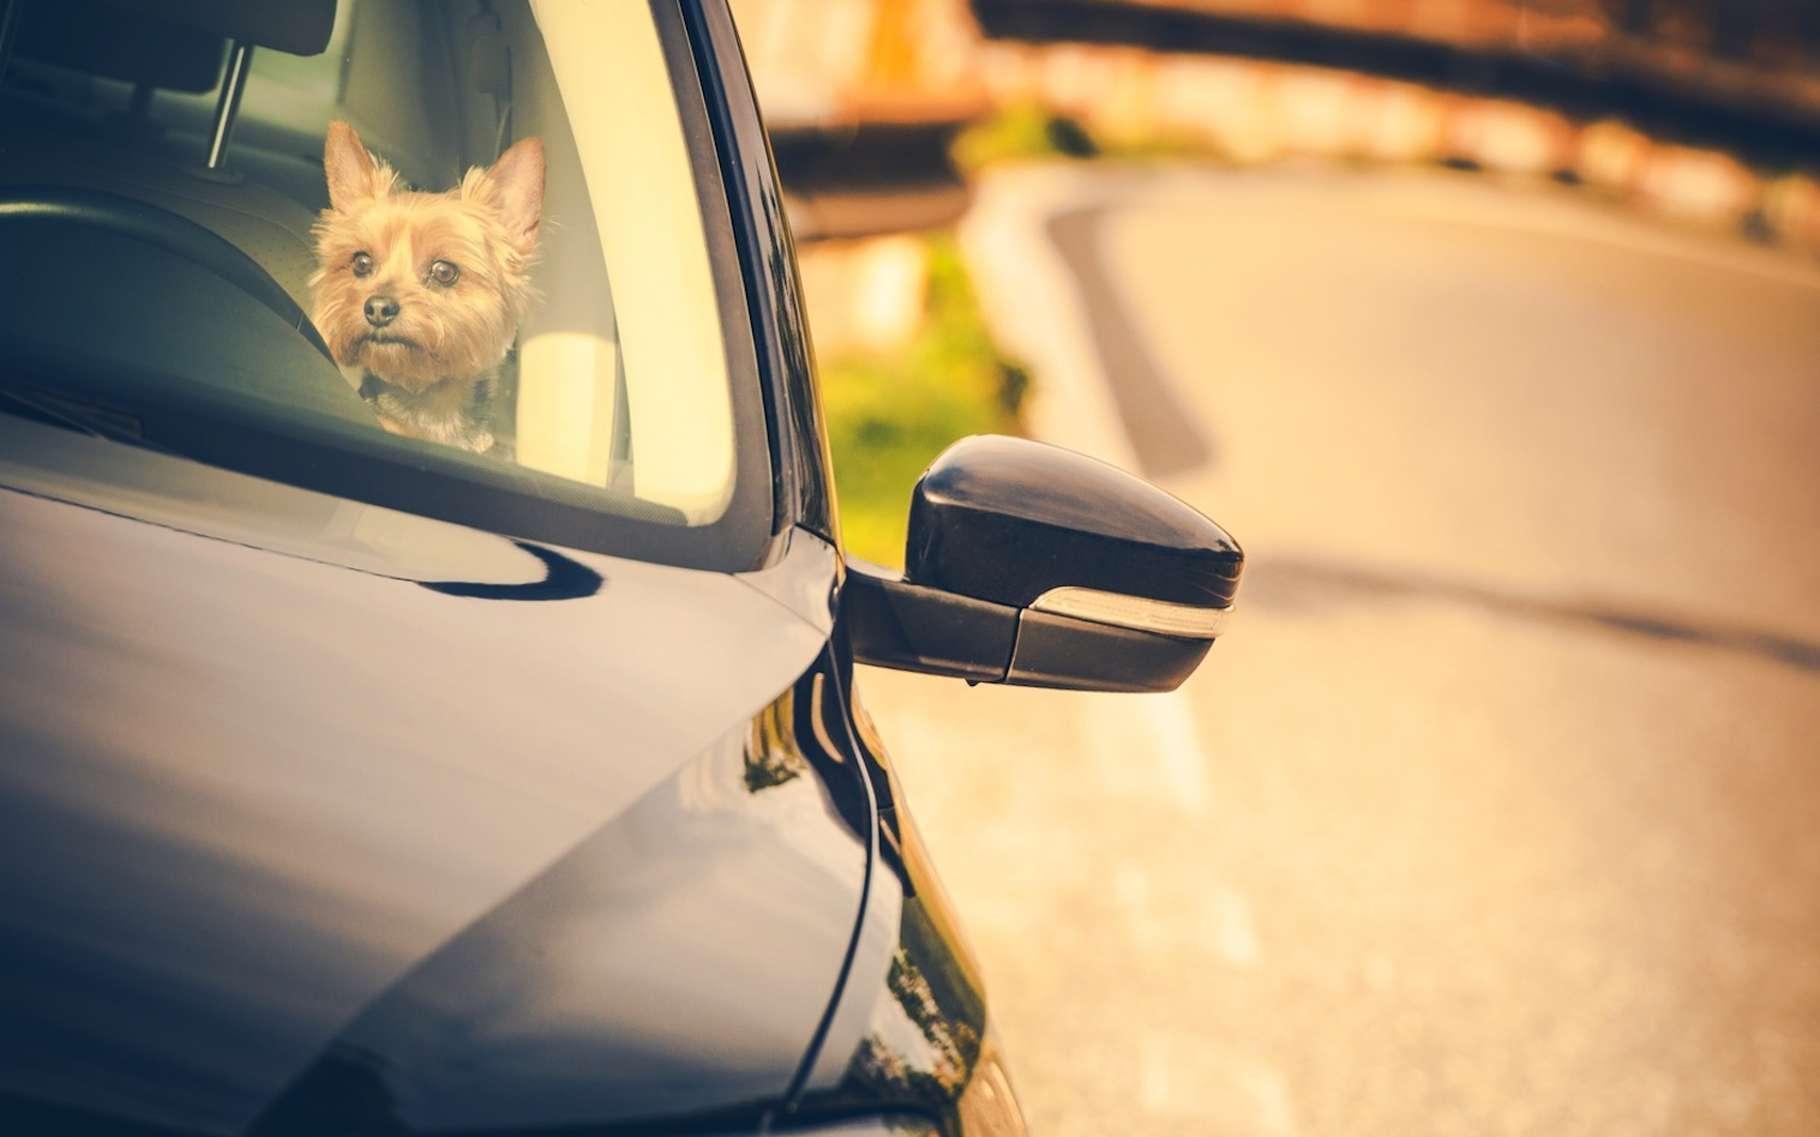 Il est extrêmement dangereux pour la santé de votre animal domestique de le laisser seul dans une voiture en été, même si c'est à l'ombre et avec les vitres entrouvertes. © Tomasz Zajda, Fotolia